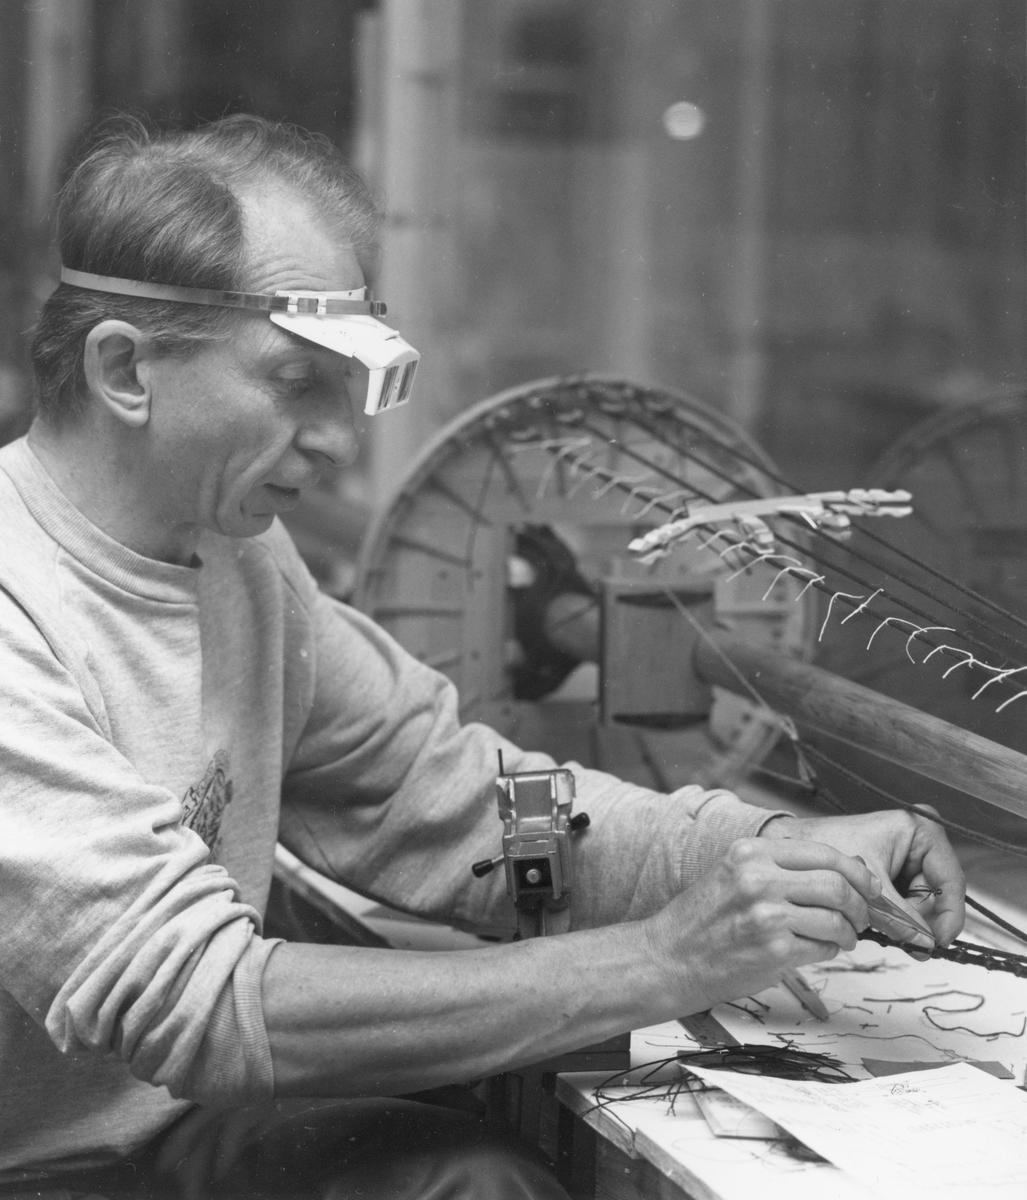 Modellbyggare Göran Forss i arbete med modellen av Vasa i skala 1:10.